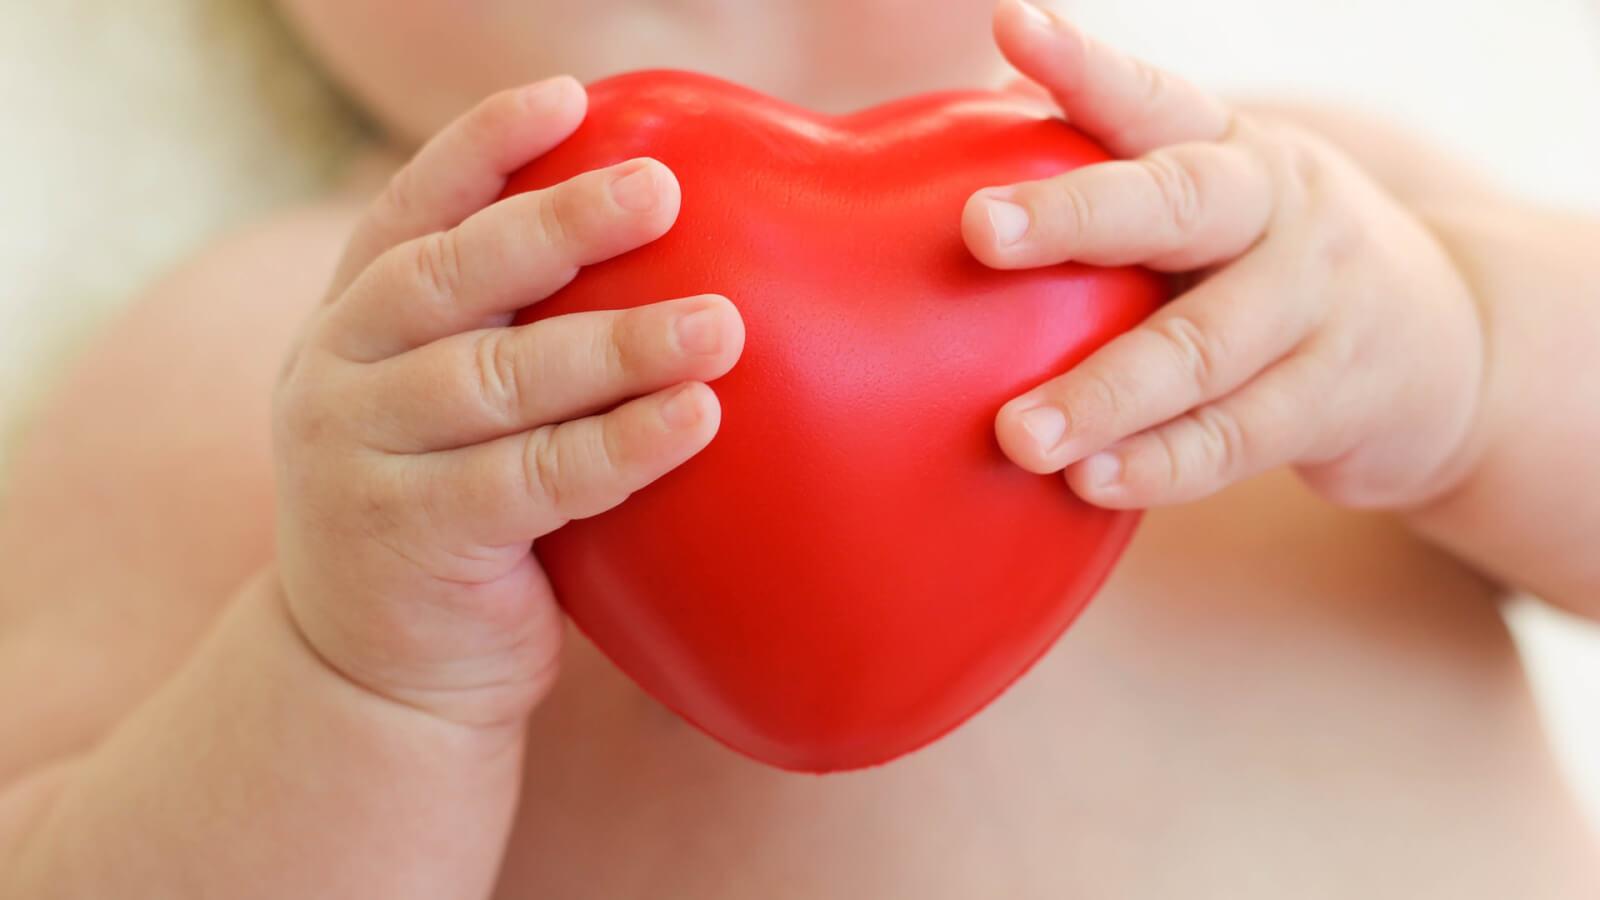 Открытый артериальный проток (ОАП) сердца у новорожденных